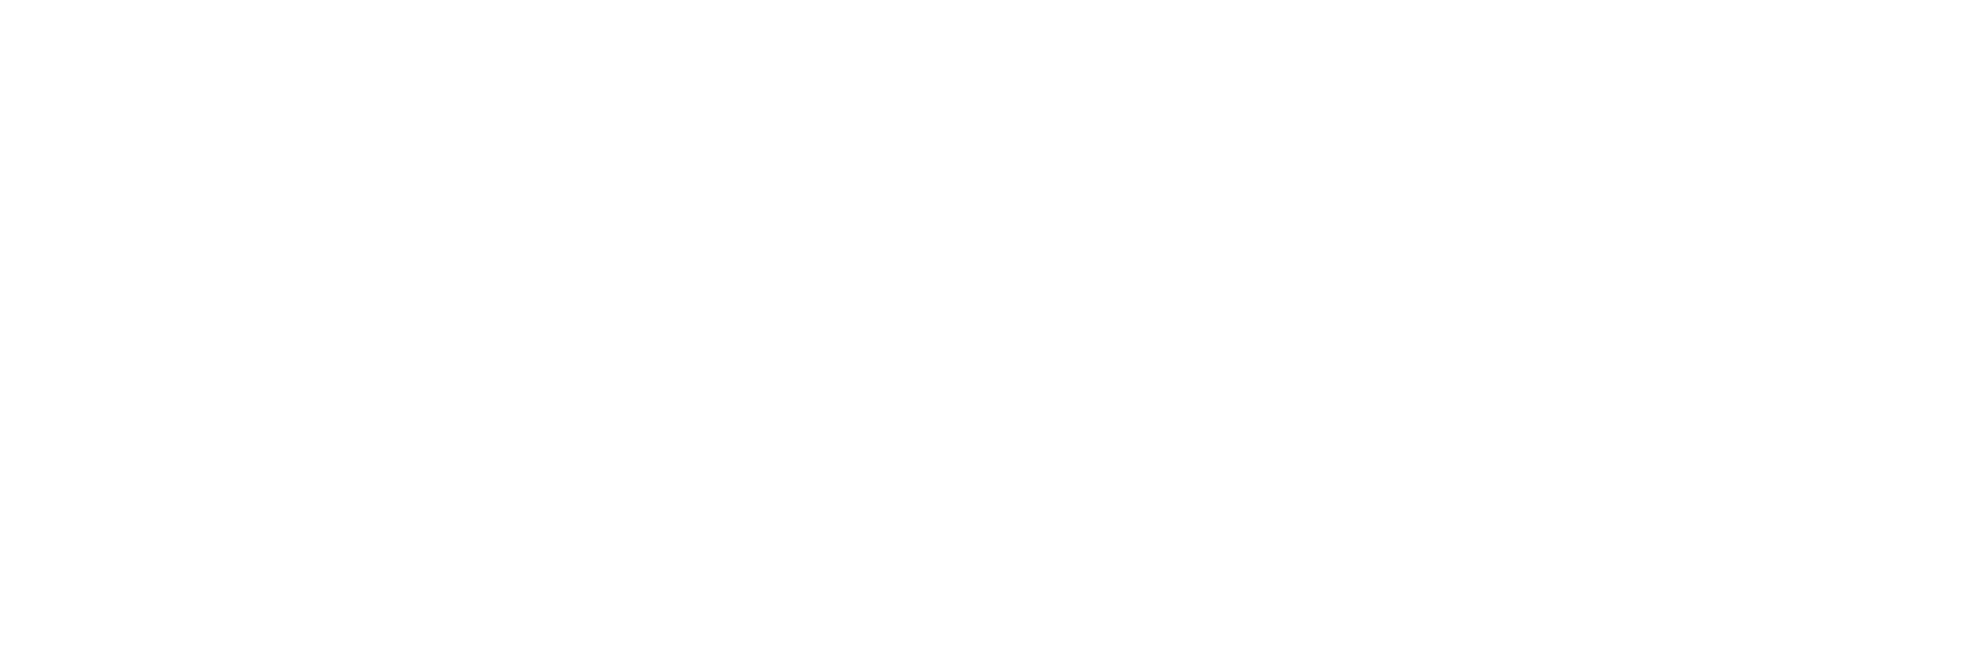 SESI/MT